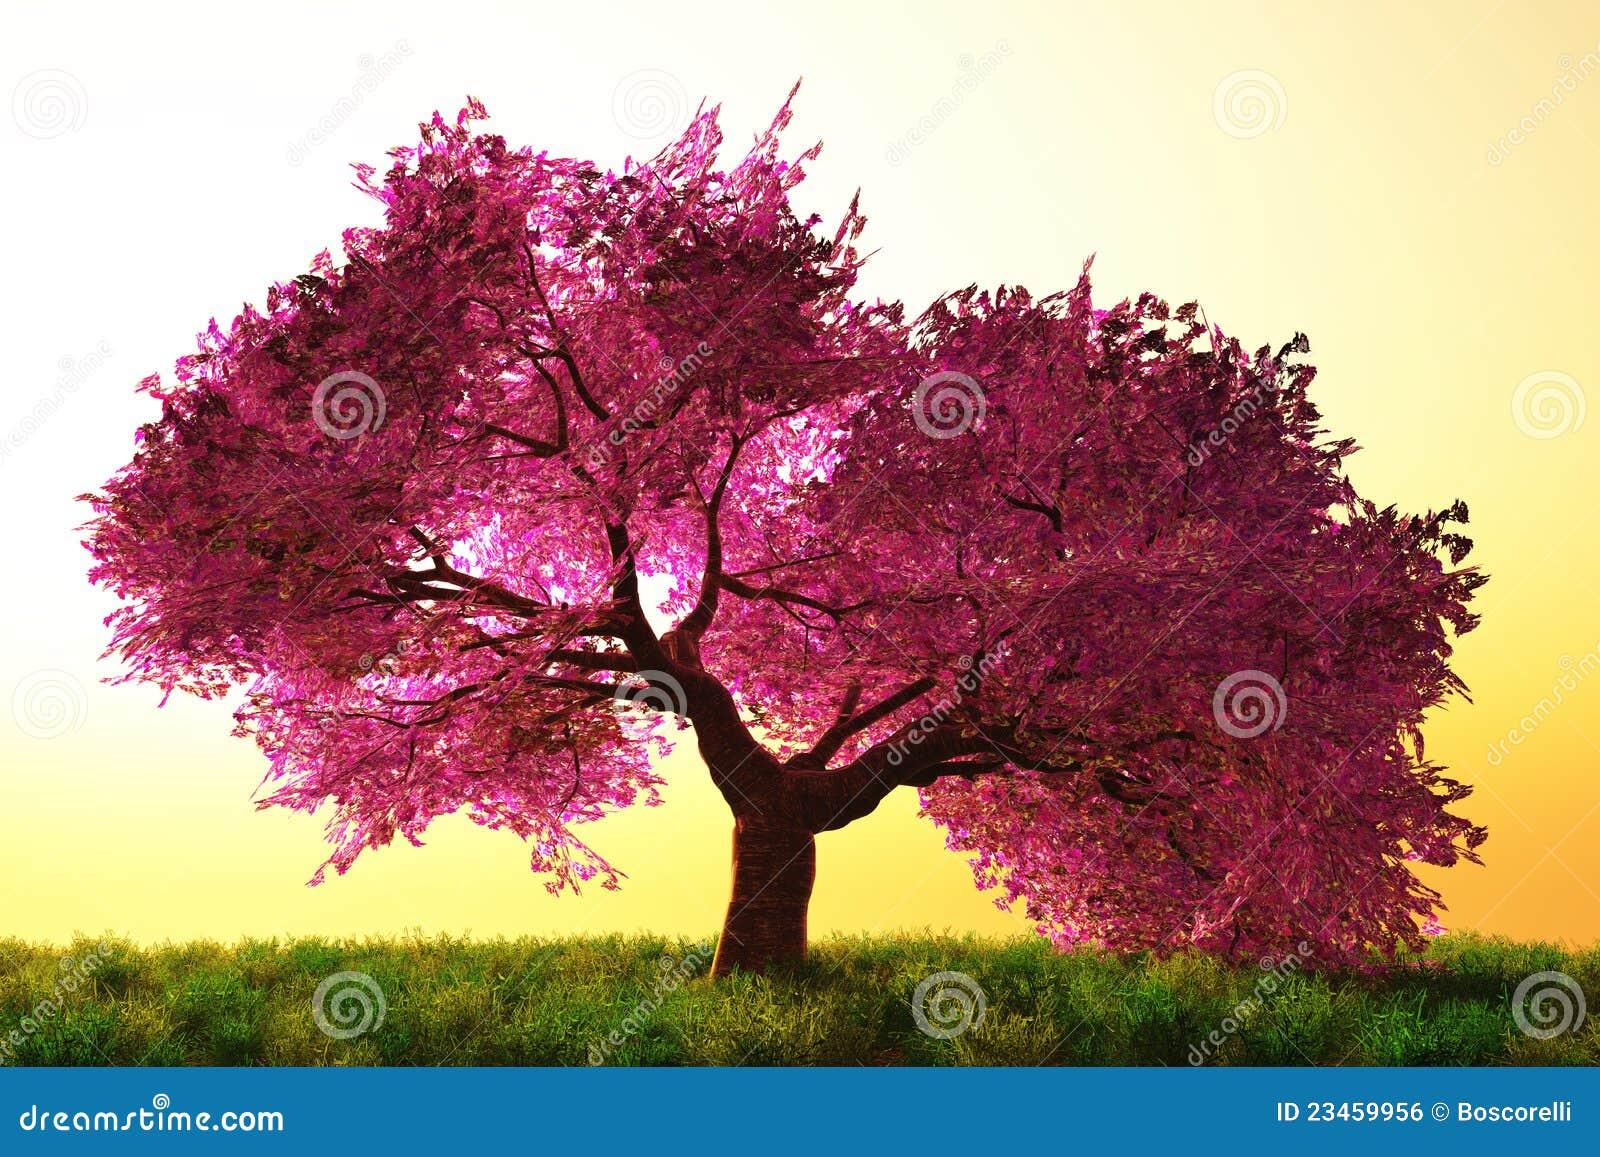 Dessin anim japonais myst rieux de jardin de fleurs de cerise image libre de droits image - Dessin arbre japonais ...